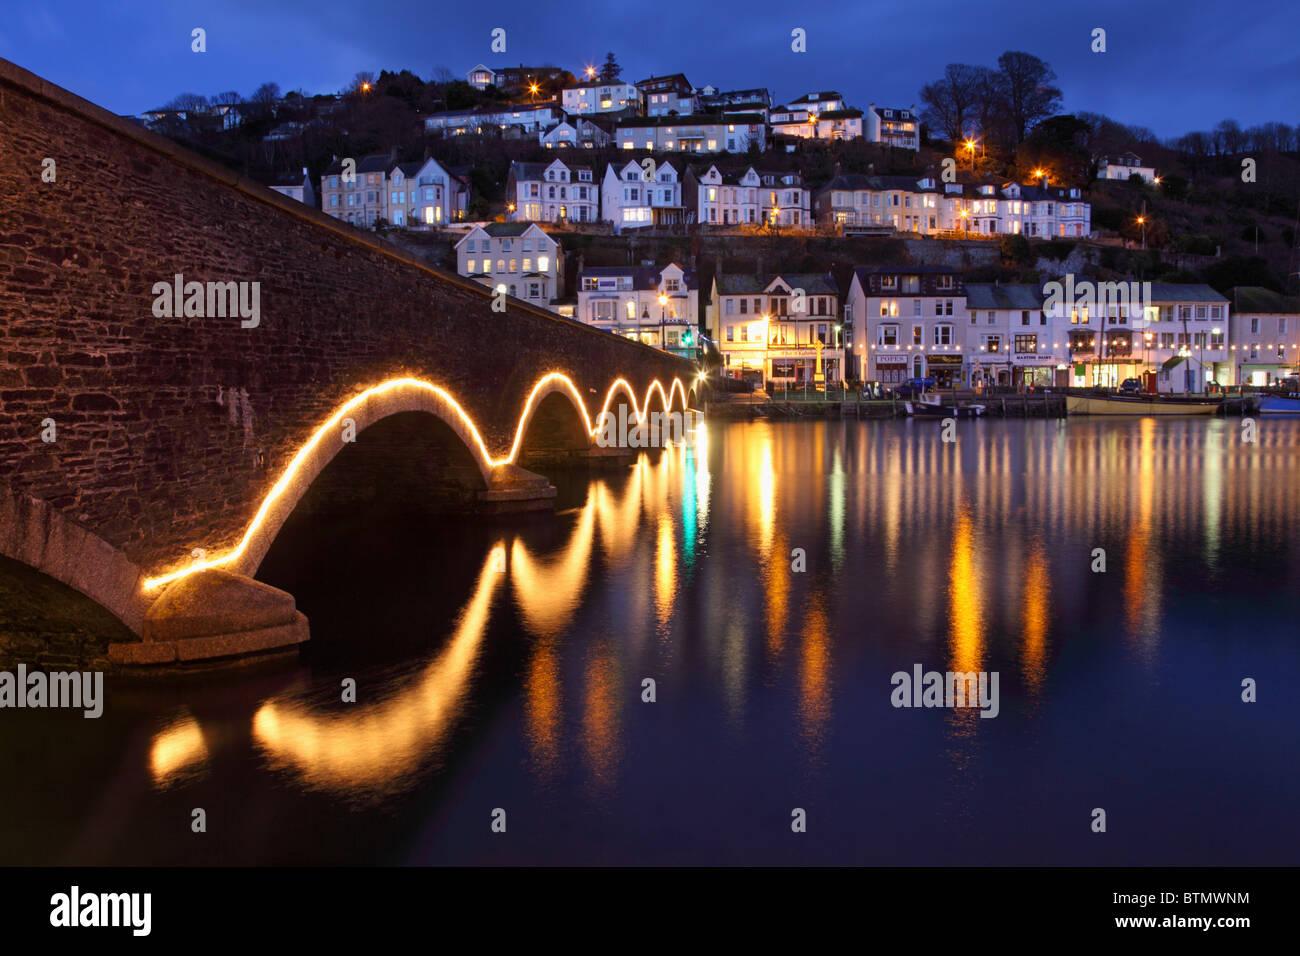 Le pont sur la route dans le sud-est de la rivière Looe Cornwall capturés pendant le crépuscule Photo Stock